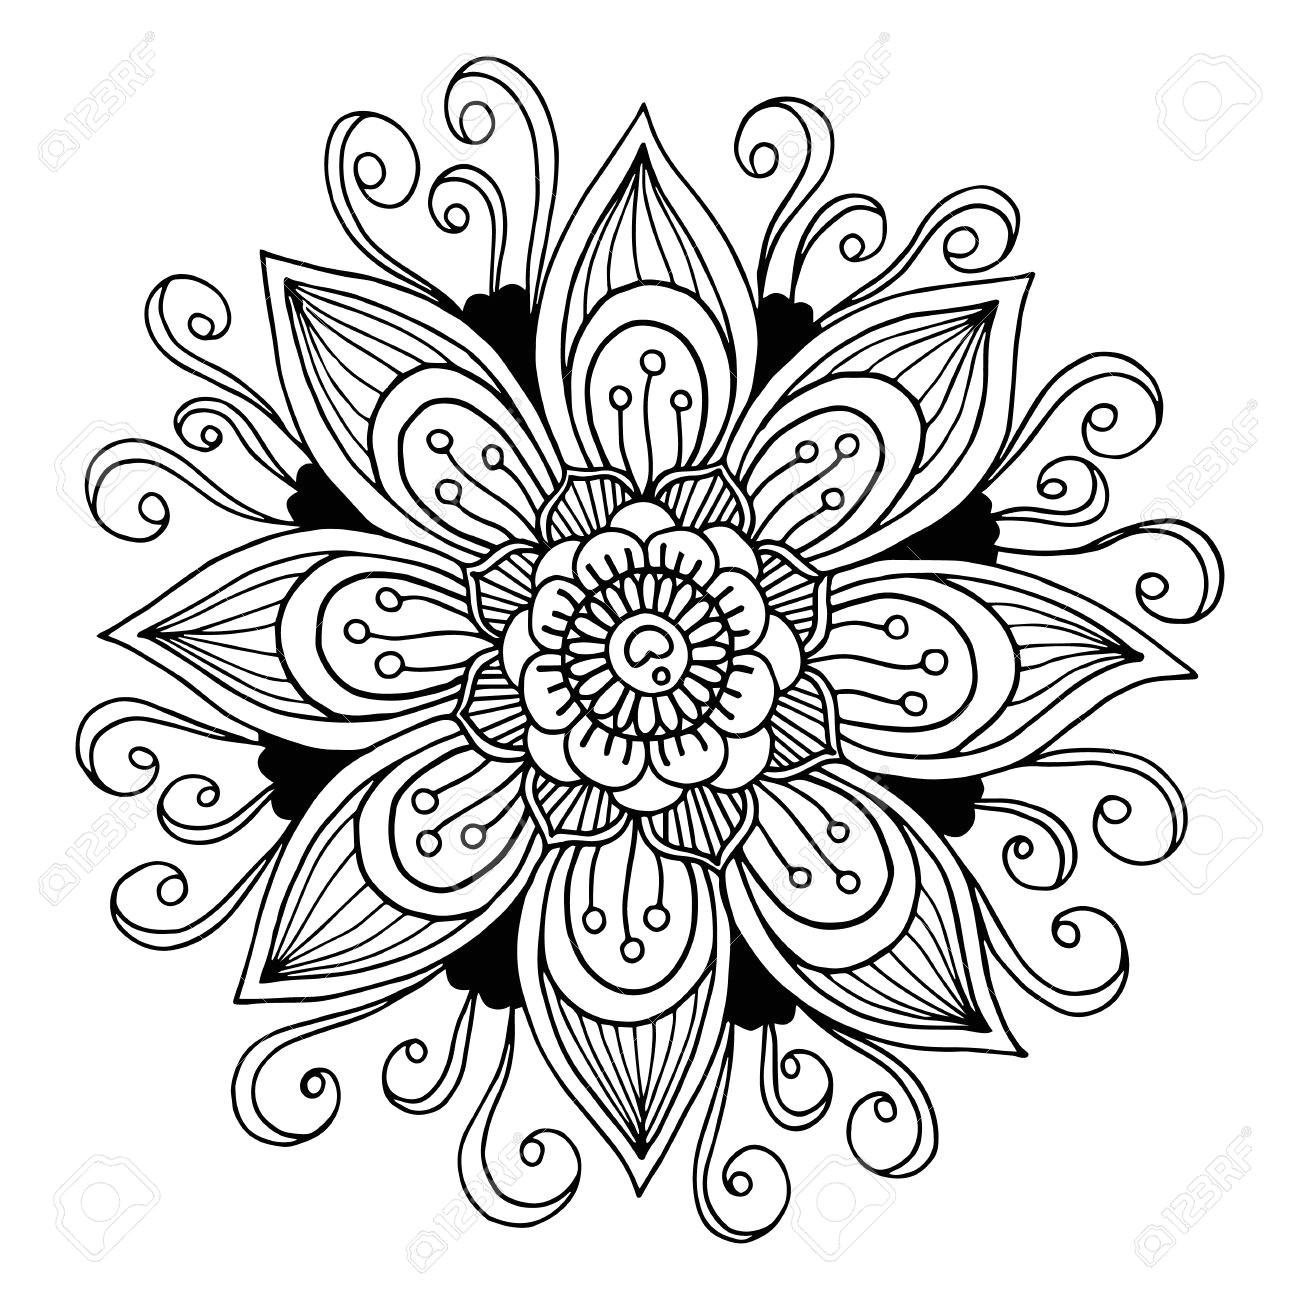 39792524 schwarze und wei c3 9fe hand gezeichnet blume hintergrund oder element f c3 bcr die karte textil poster einladung od jpg